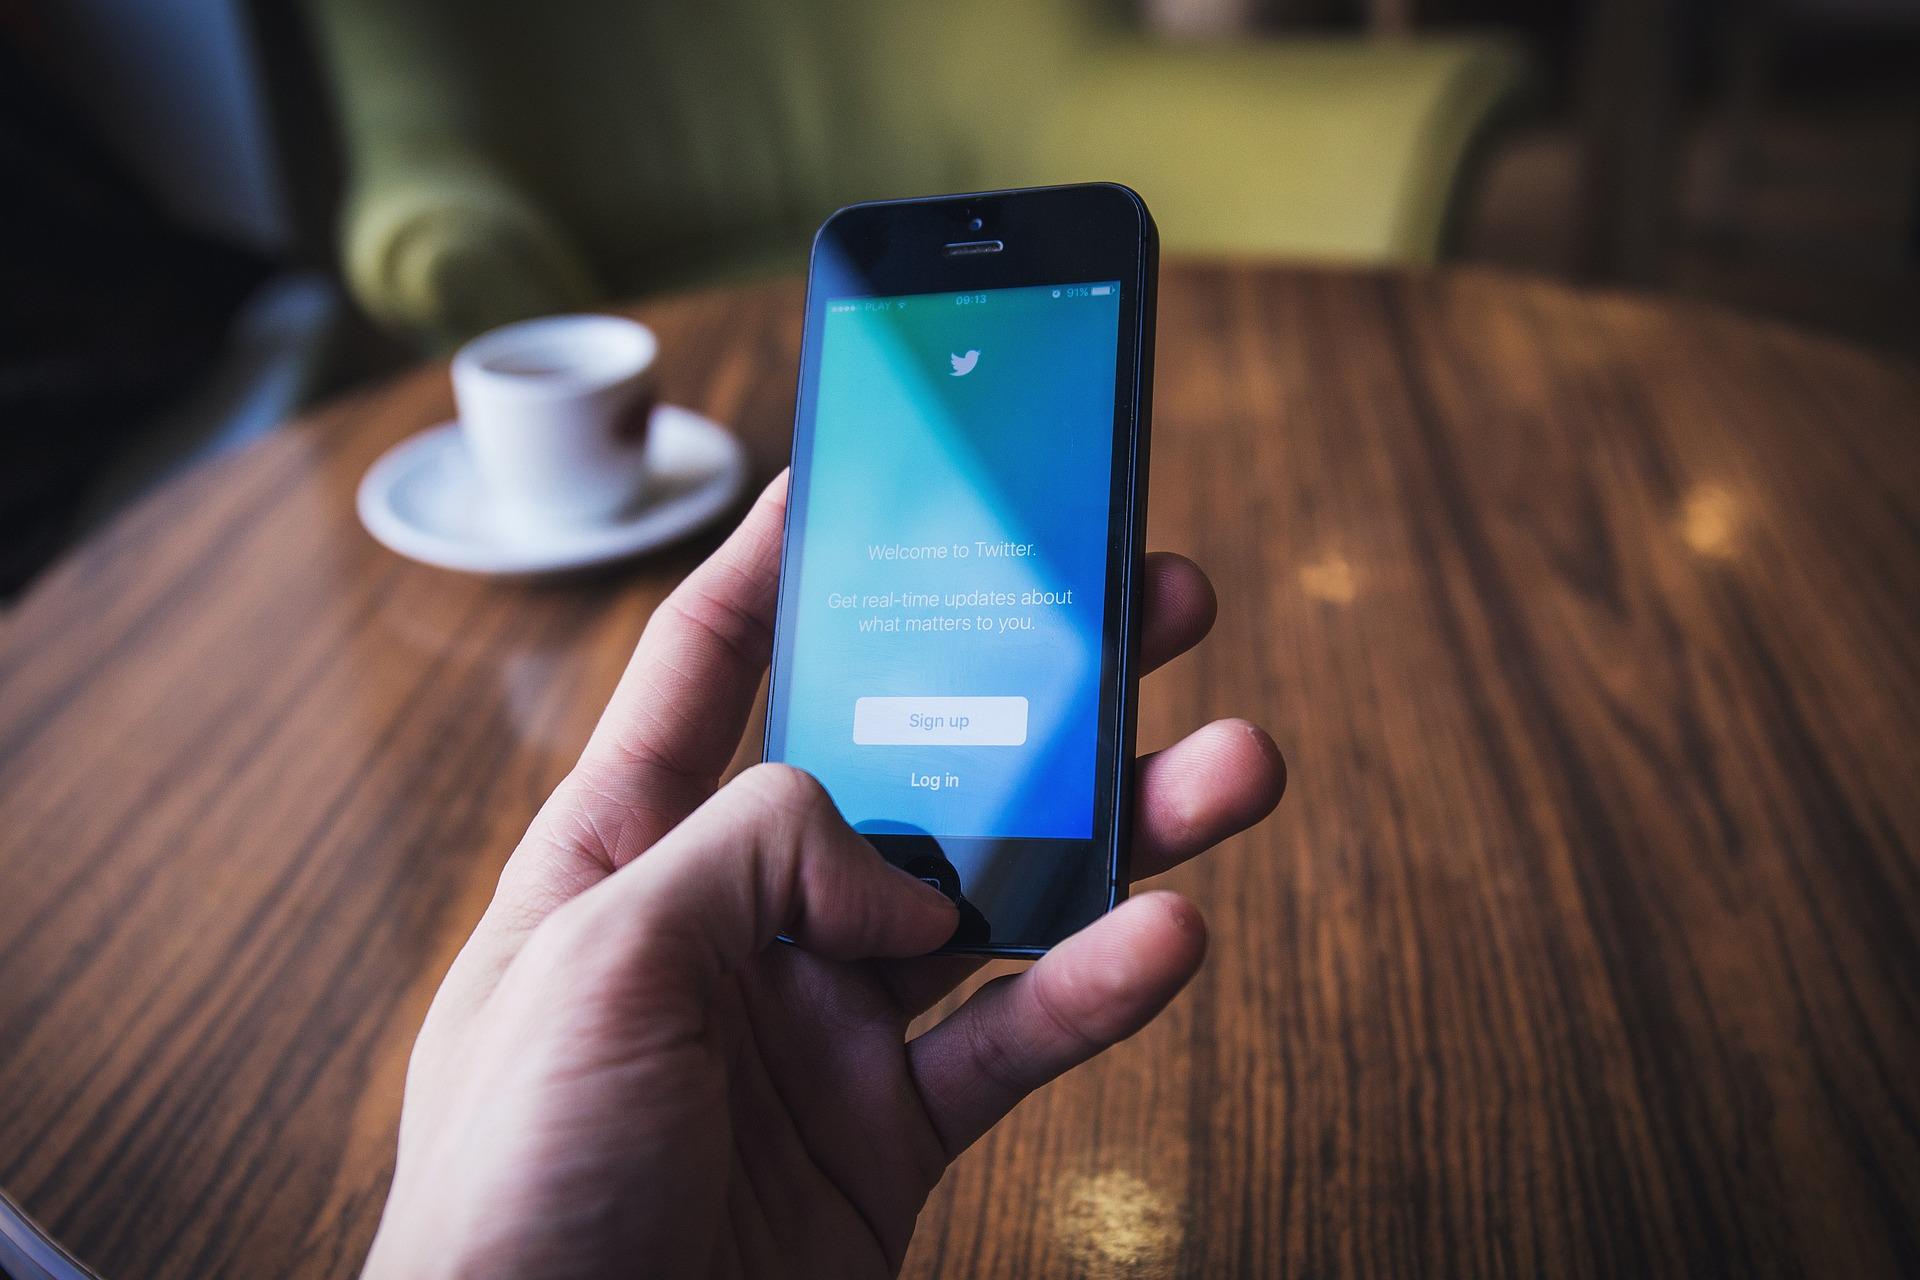 Twitter отказался удалять детское порно, поскольку оно 'не нарушает политику компании'